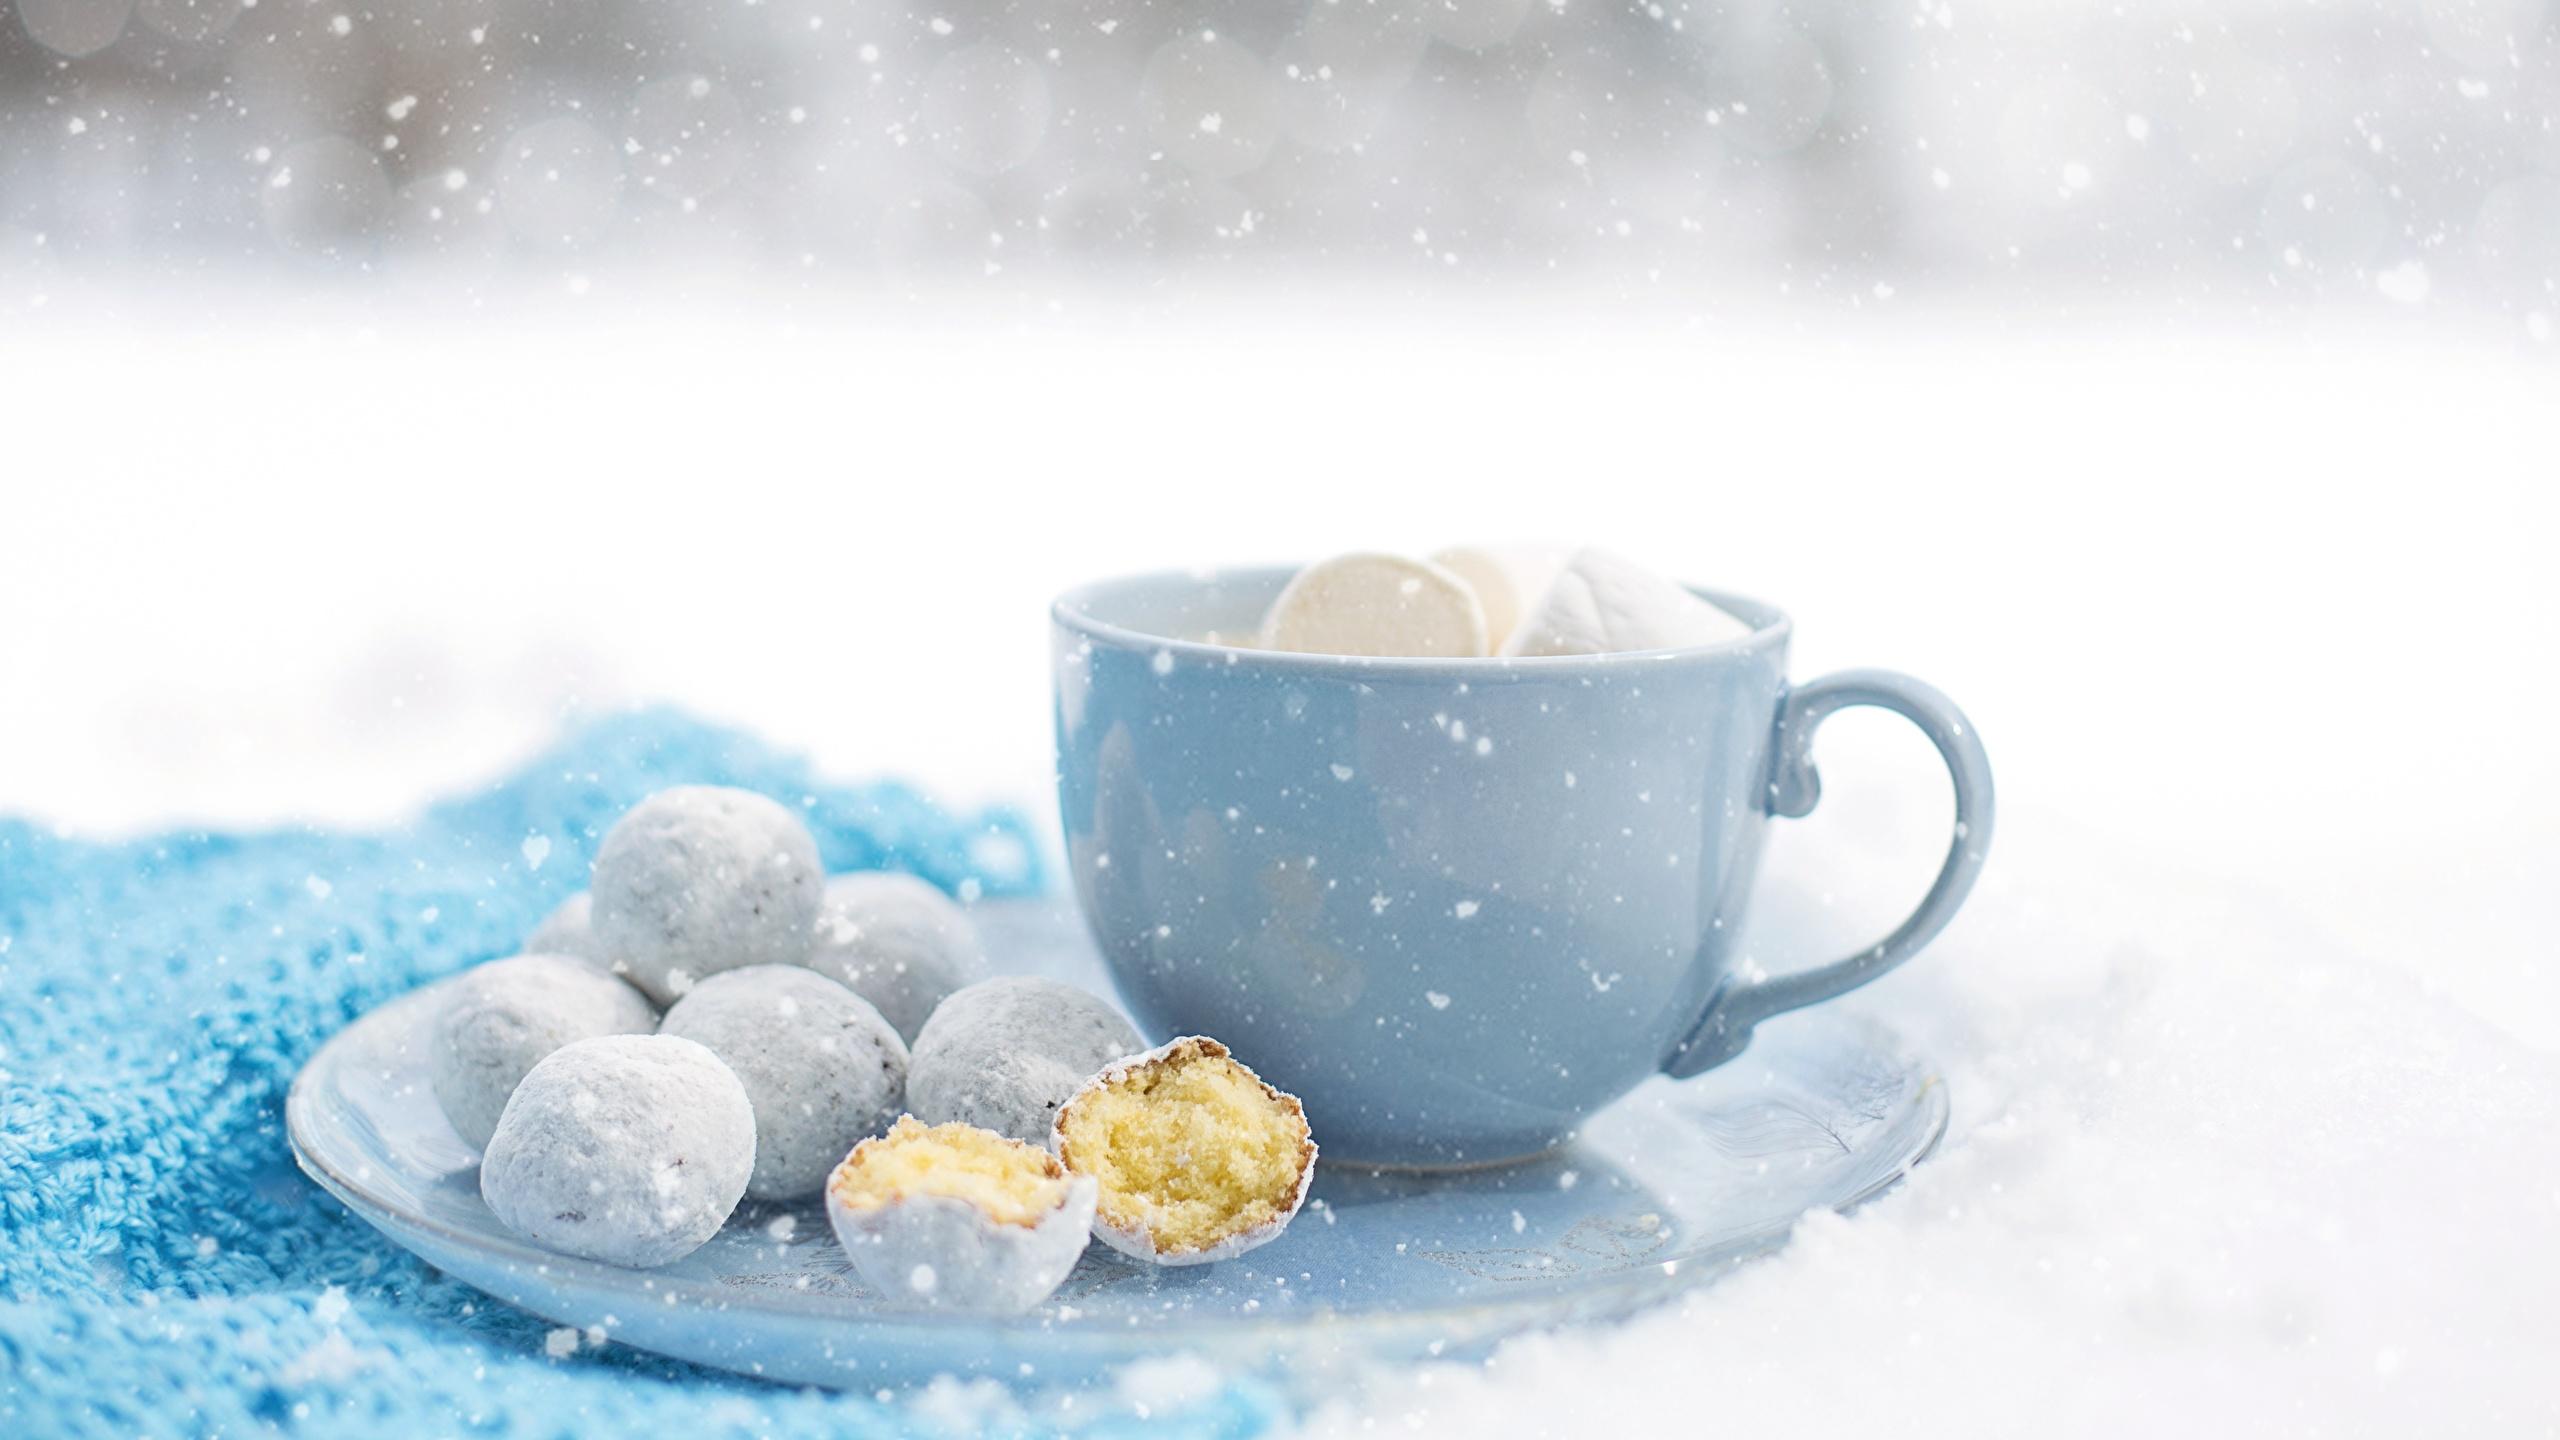 Картинка снежинка Еда чашке Печенье 2560x1440 Снежинки Пища Чашка Продукты питания